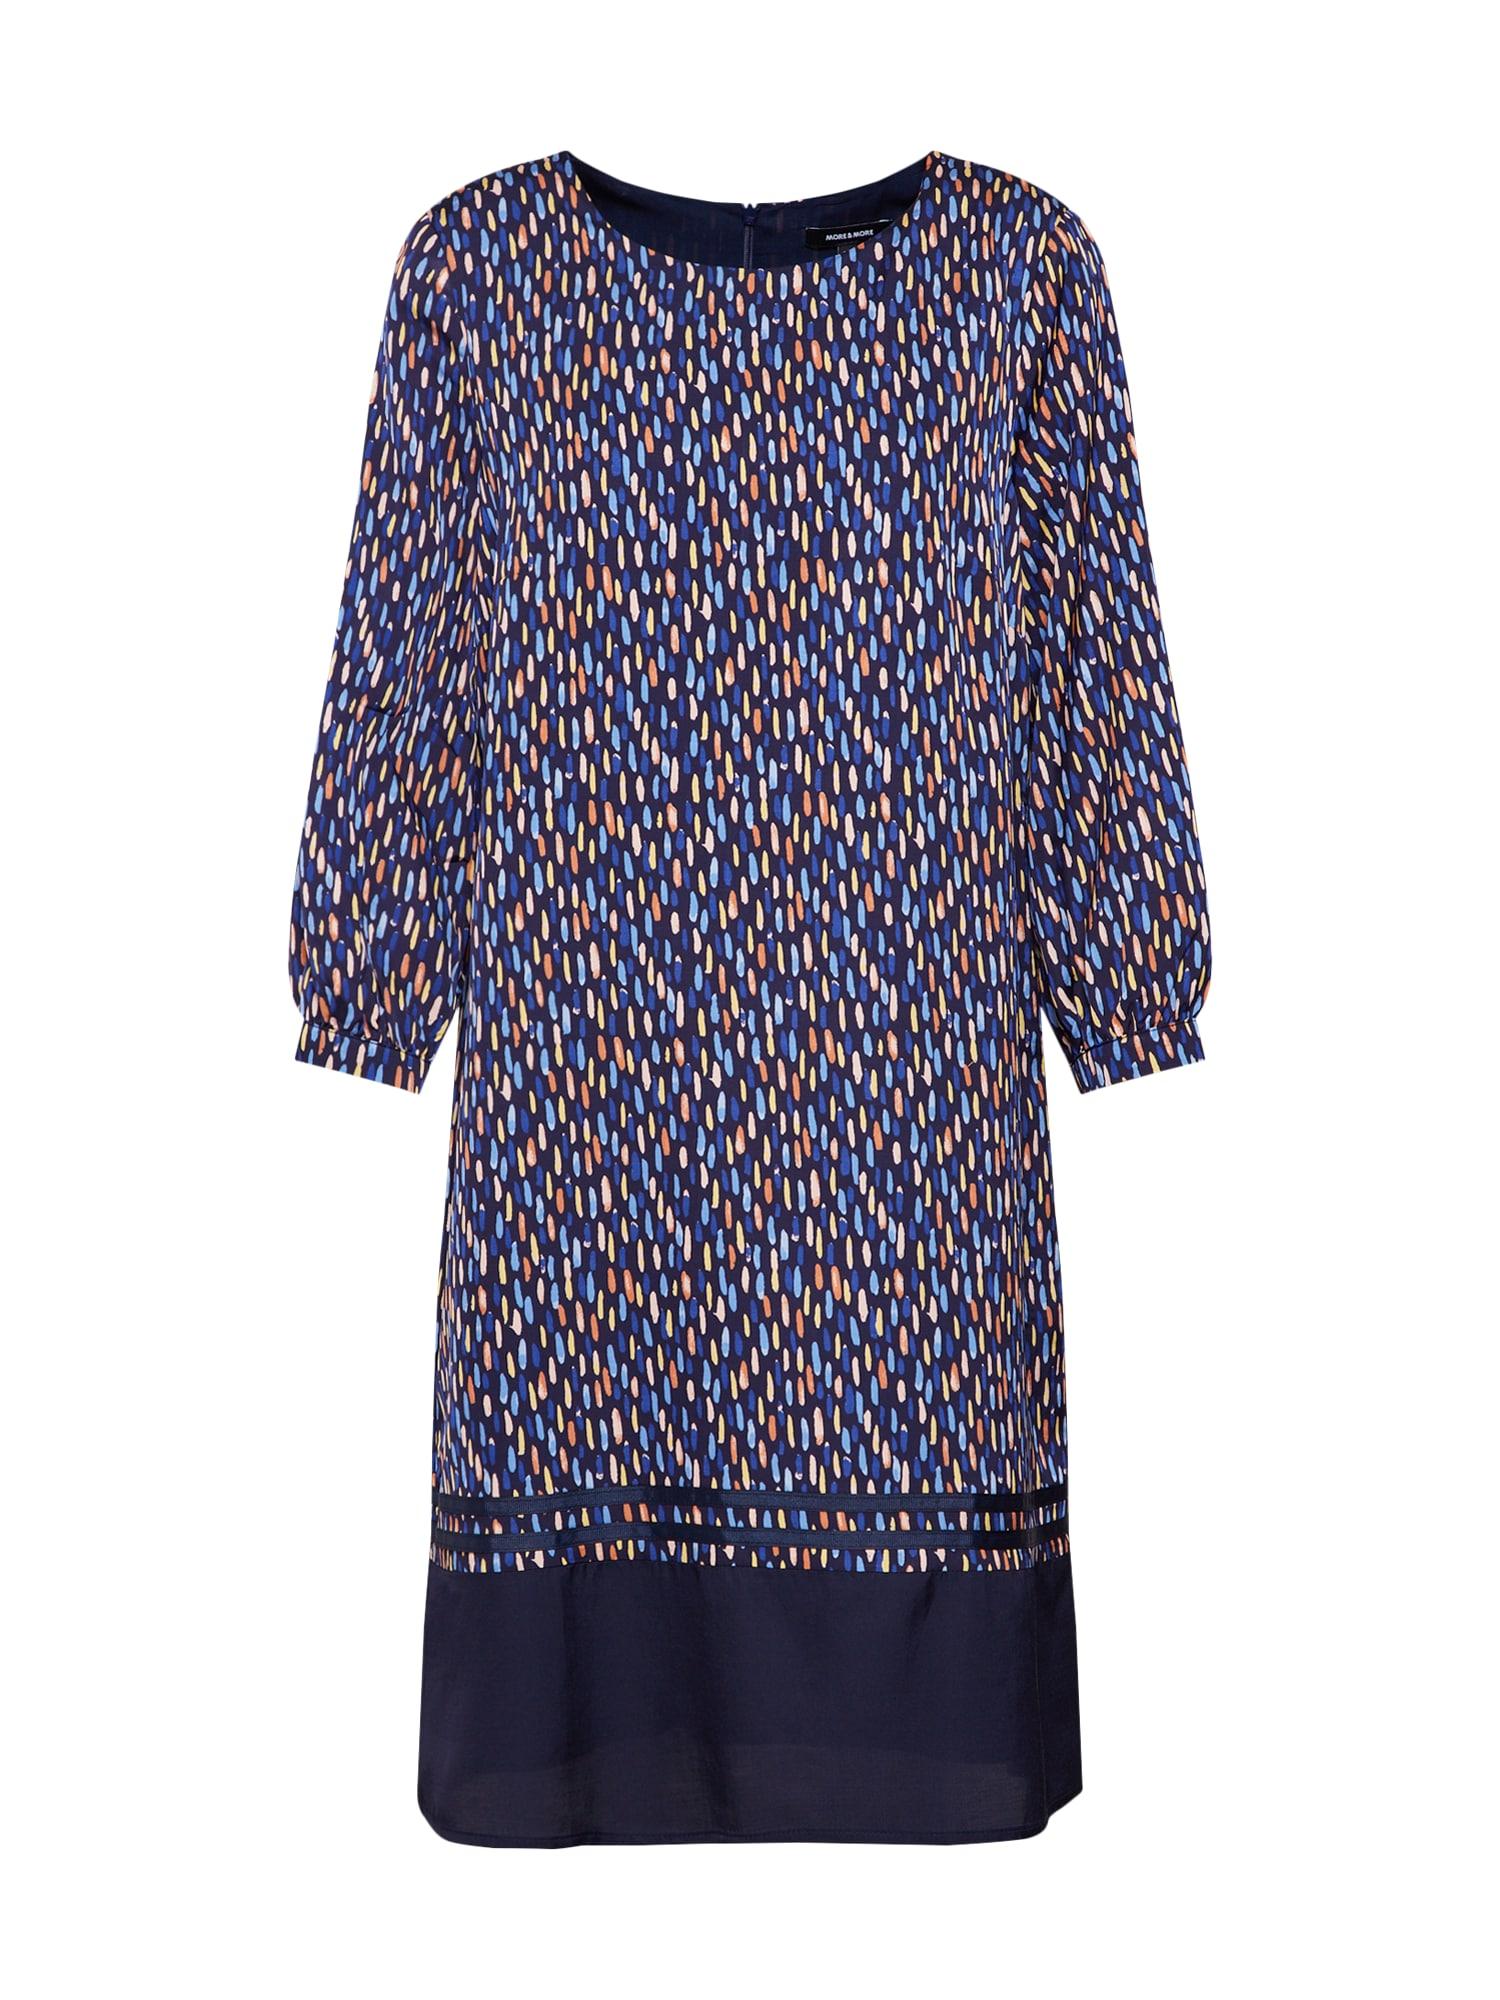 Šaty Printed Rips Tape Dress Active námořnická modř mix barev MORE & MORE